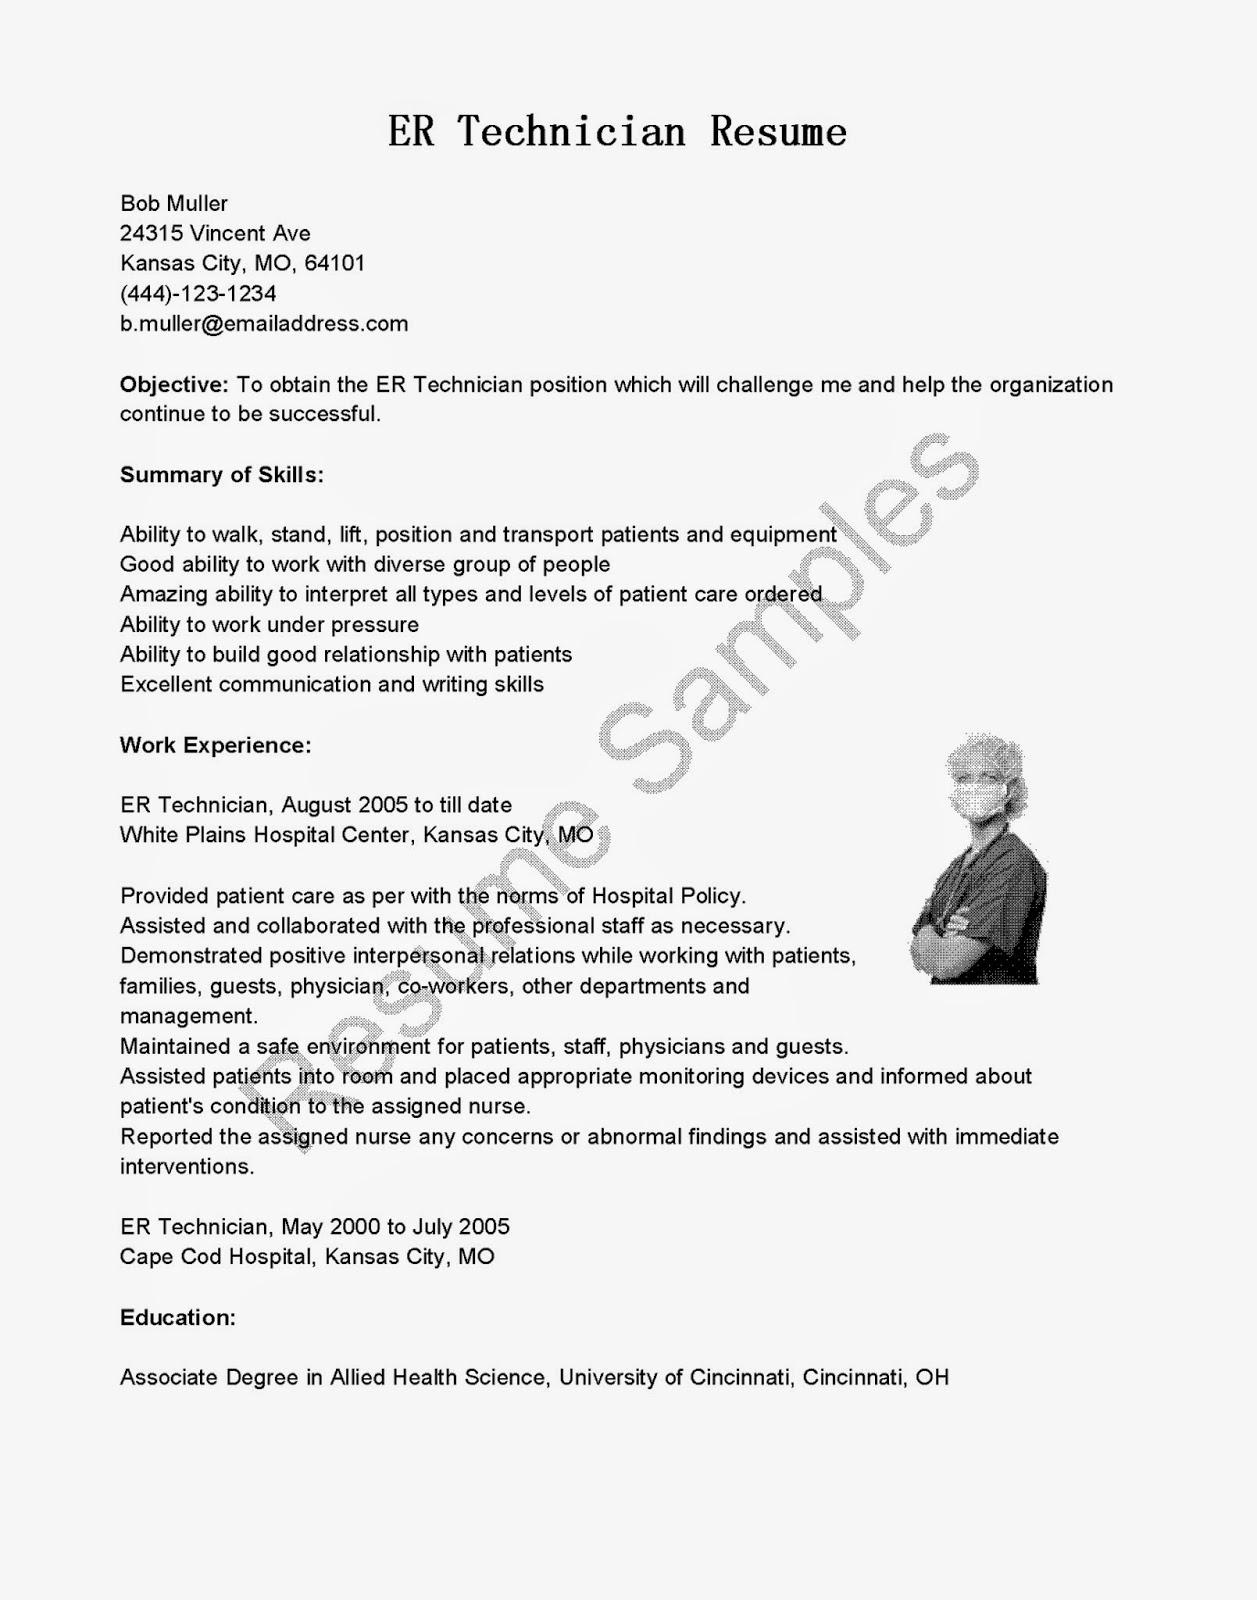 Resume Samples Er Technician Resume Sample